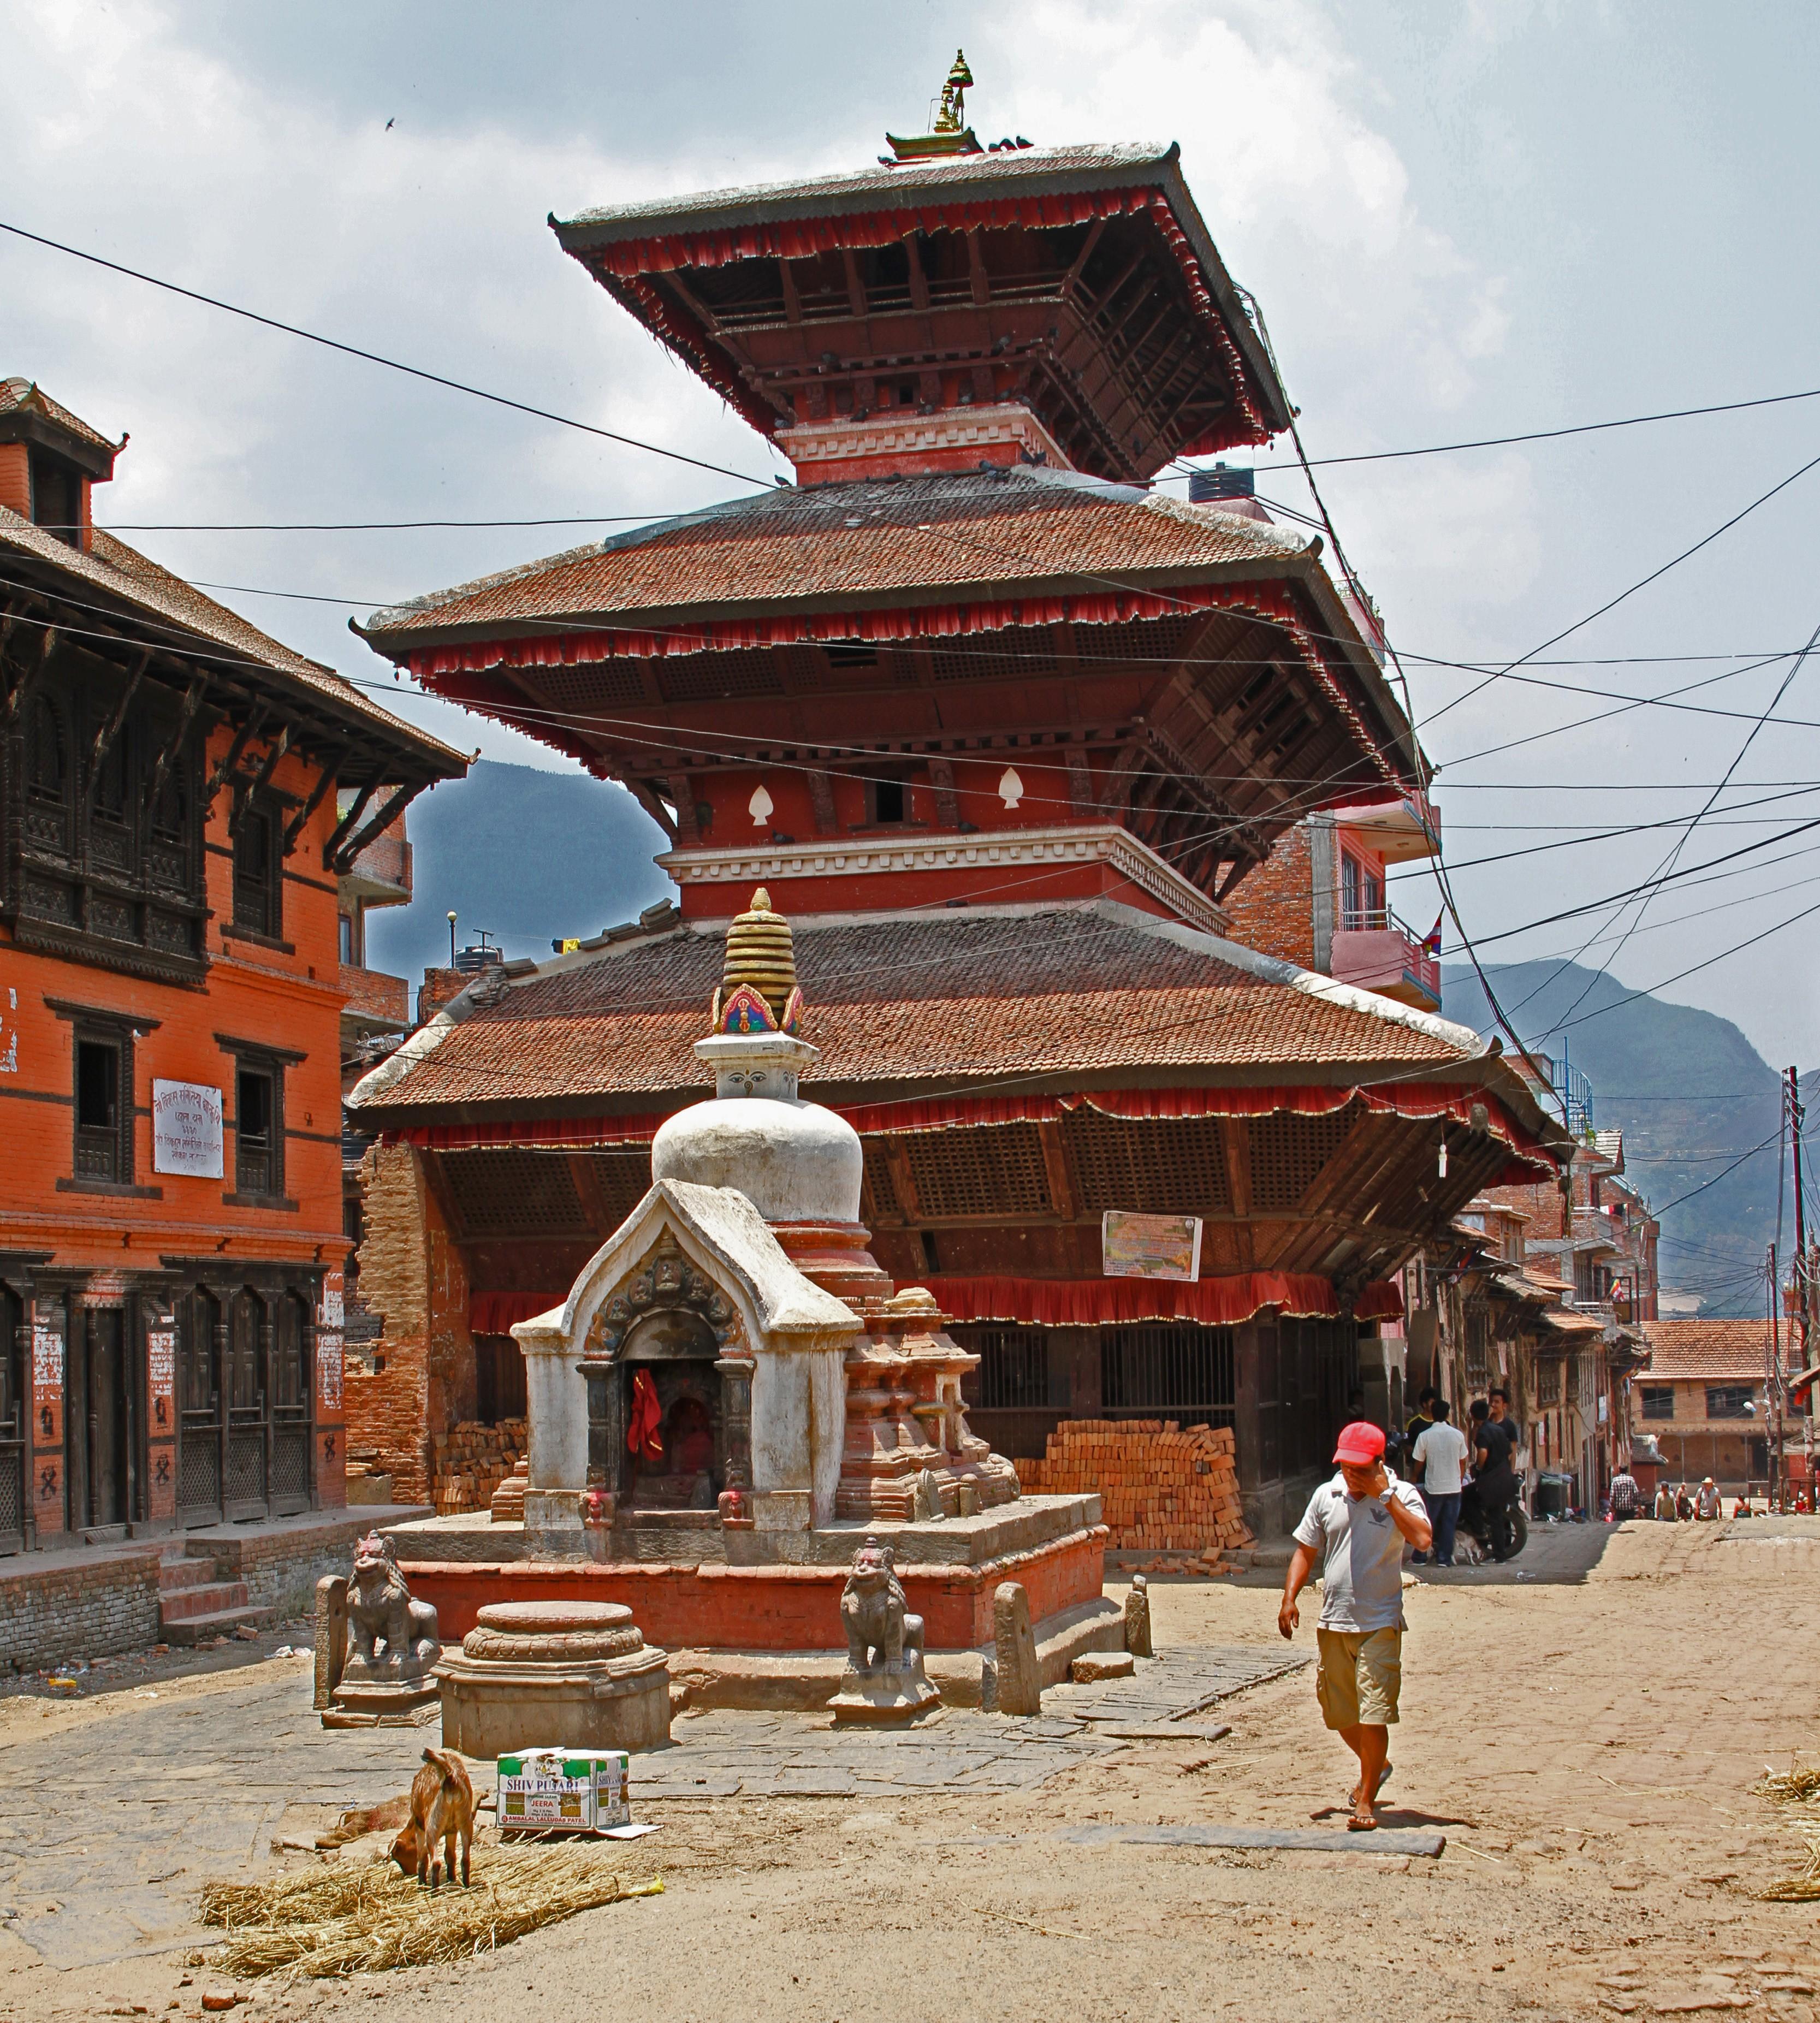 khokana-rudrayamani-temple